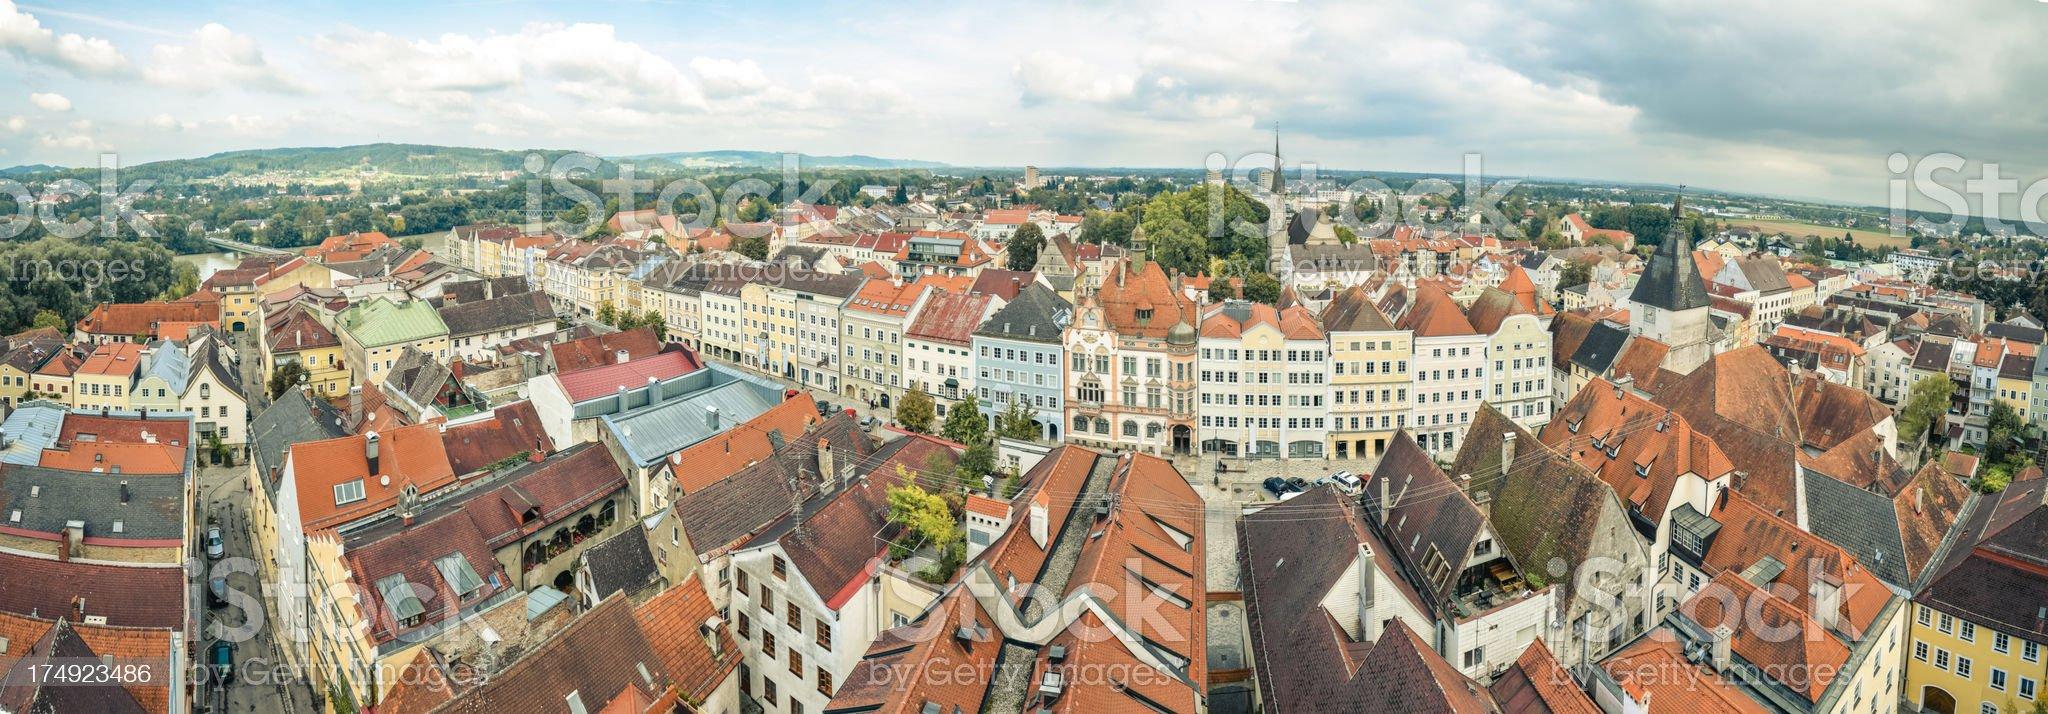 Braunau am Inn royalty-free stock photo